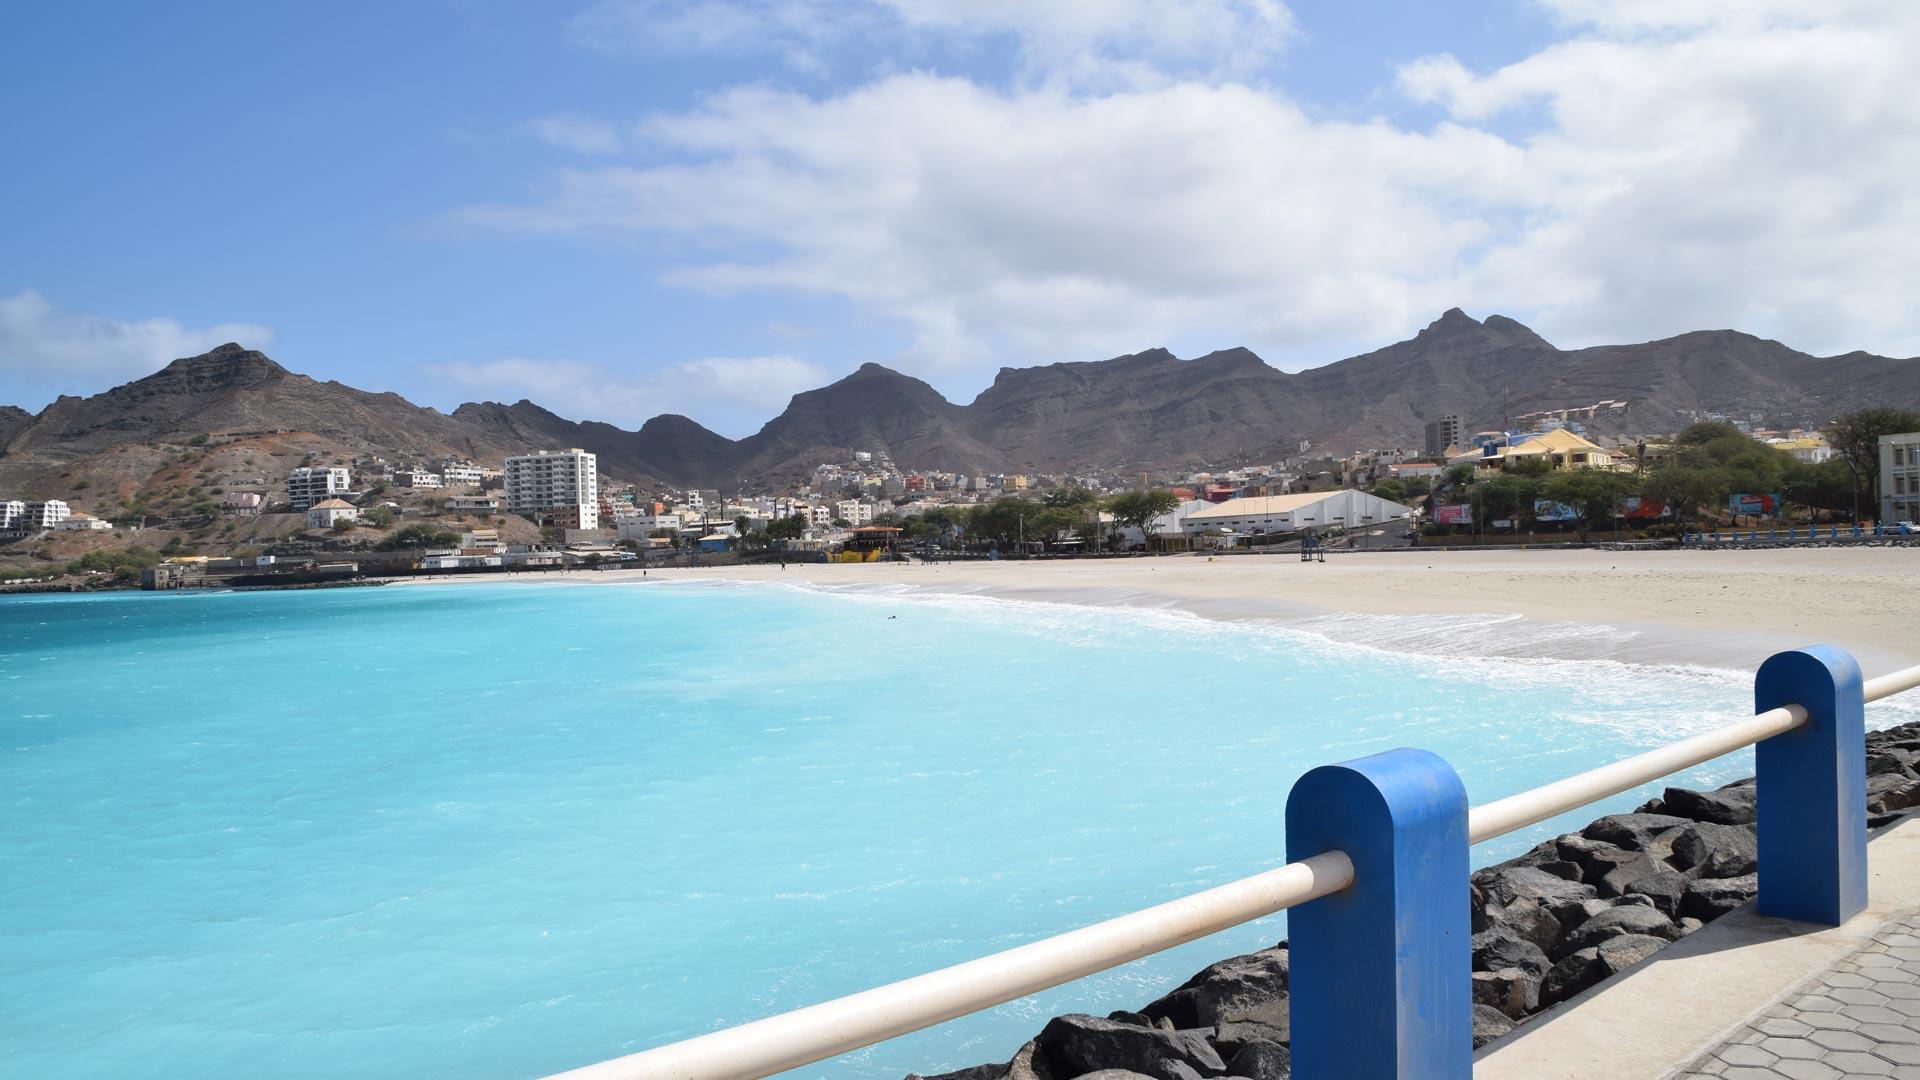 Surnommée le pequeno Brazilim, le petit Brésil, à cause de son carnaval et de sa vie nocturne, São Vicente est la 2ème île la plus peuplée de l'archipel du Cap-Vert